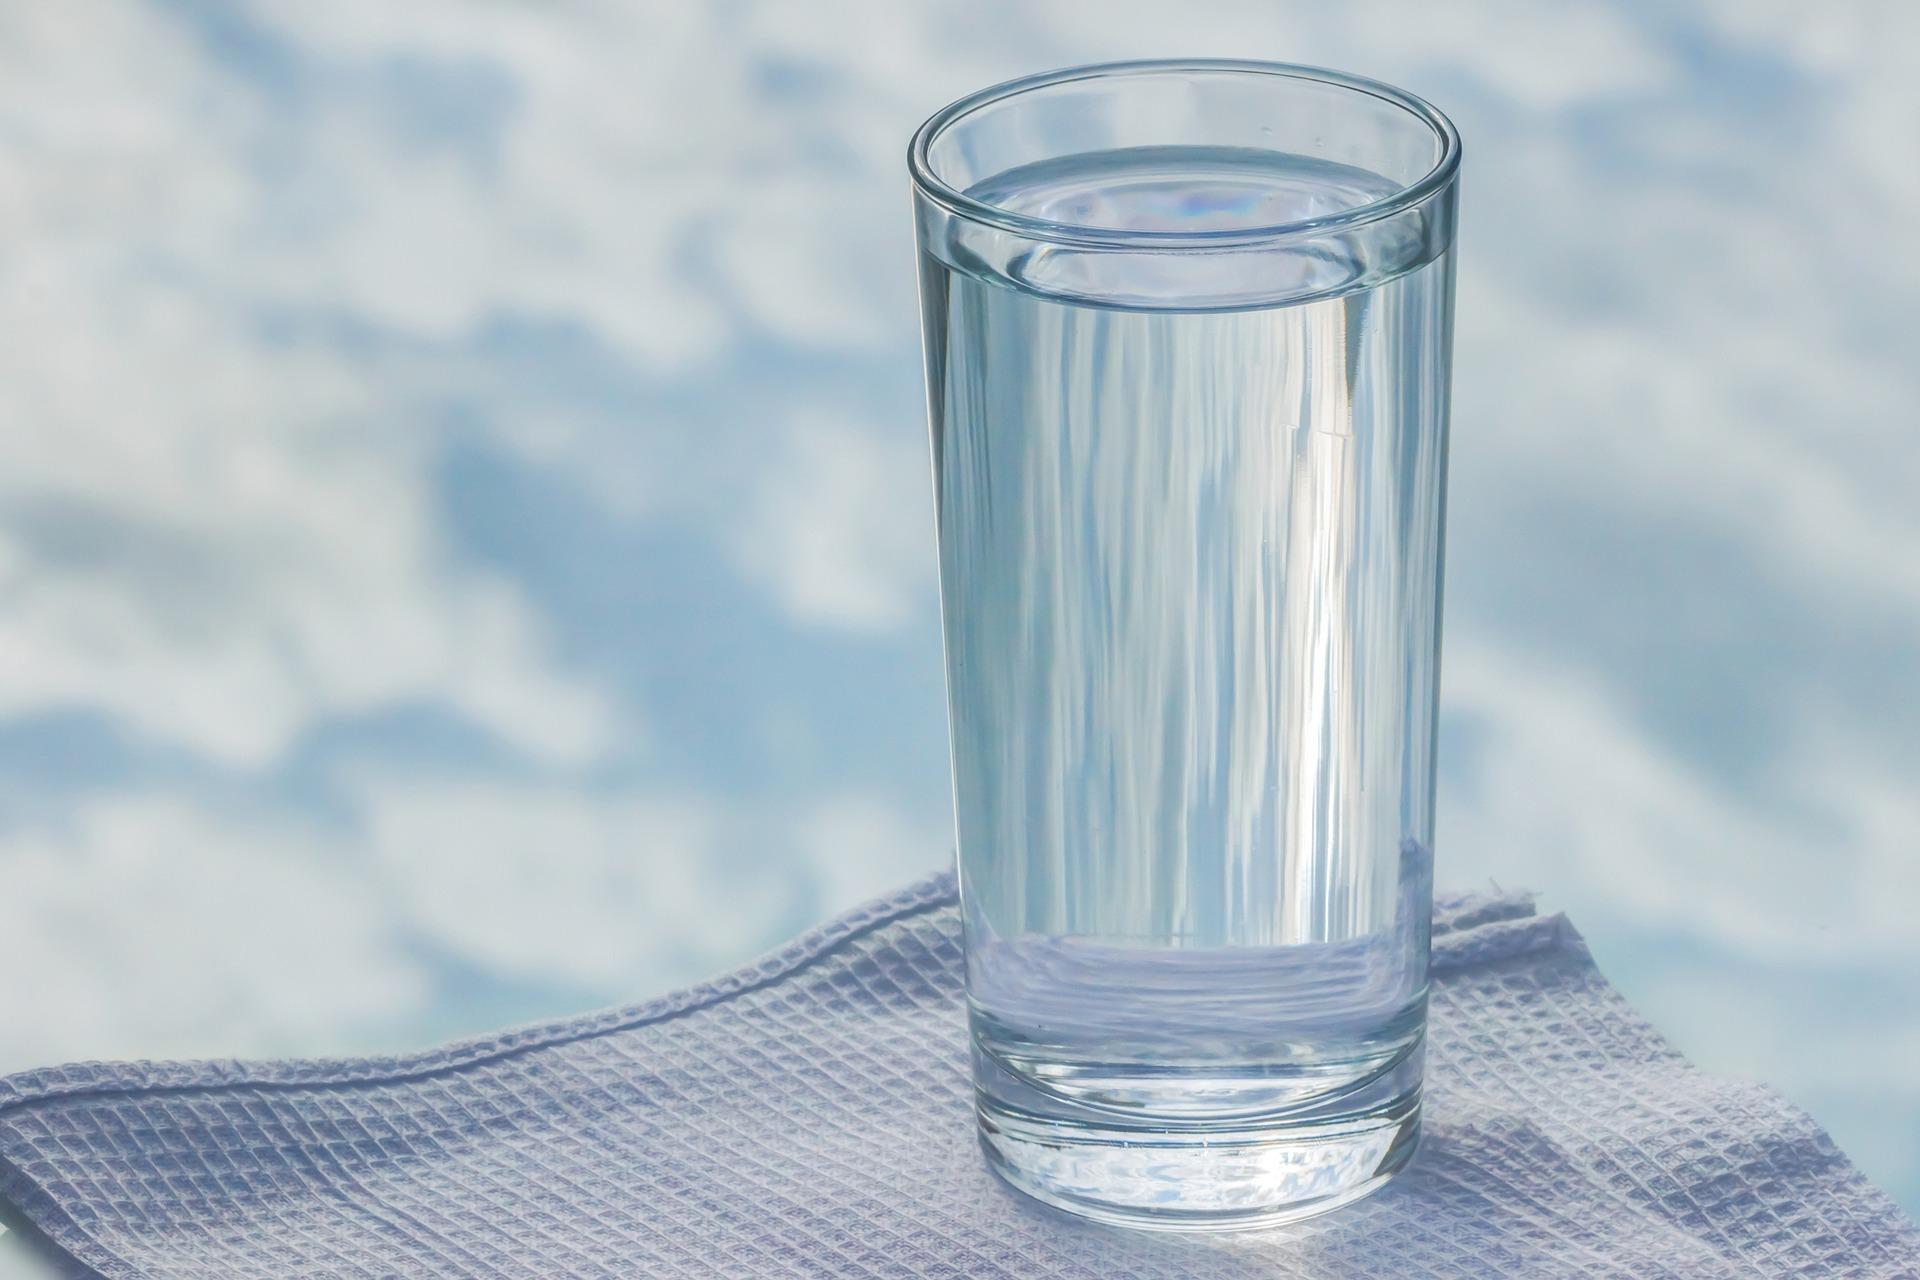 стакан воды картинки для презентации взаимно помогали друг